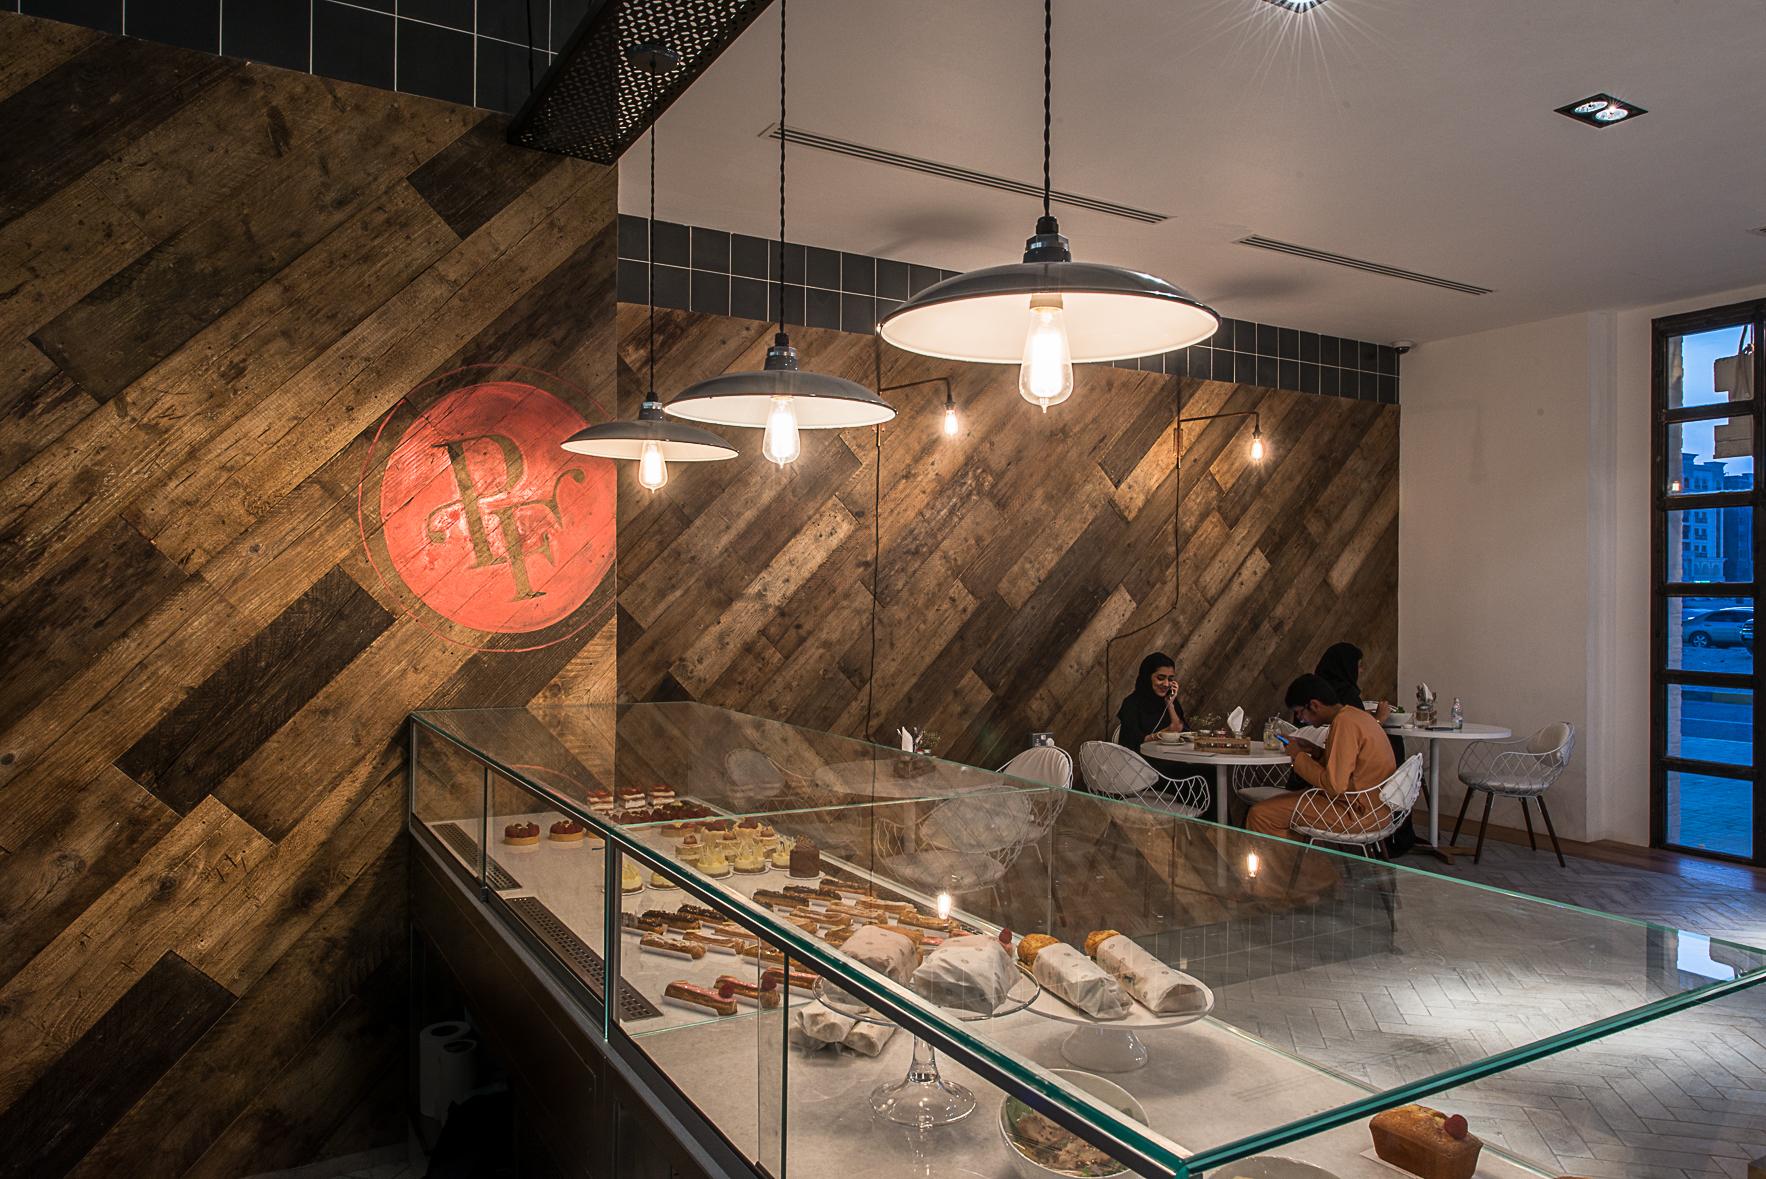 Paperfig-Interior Design Company Dubai